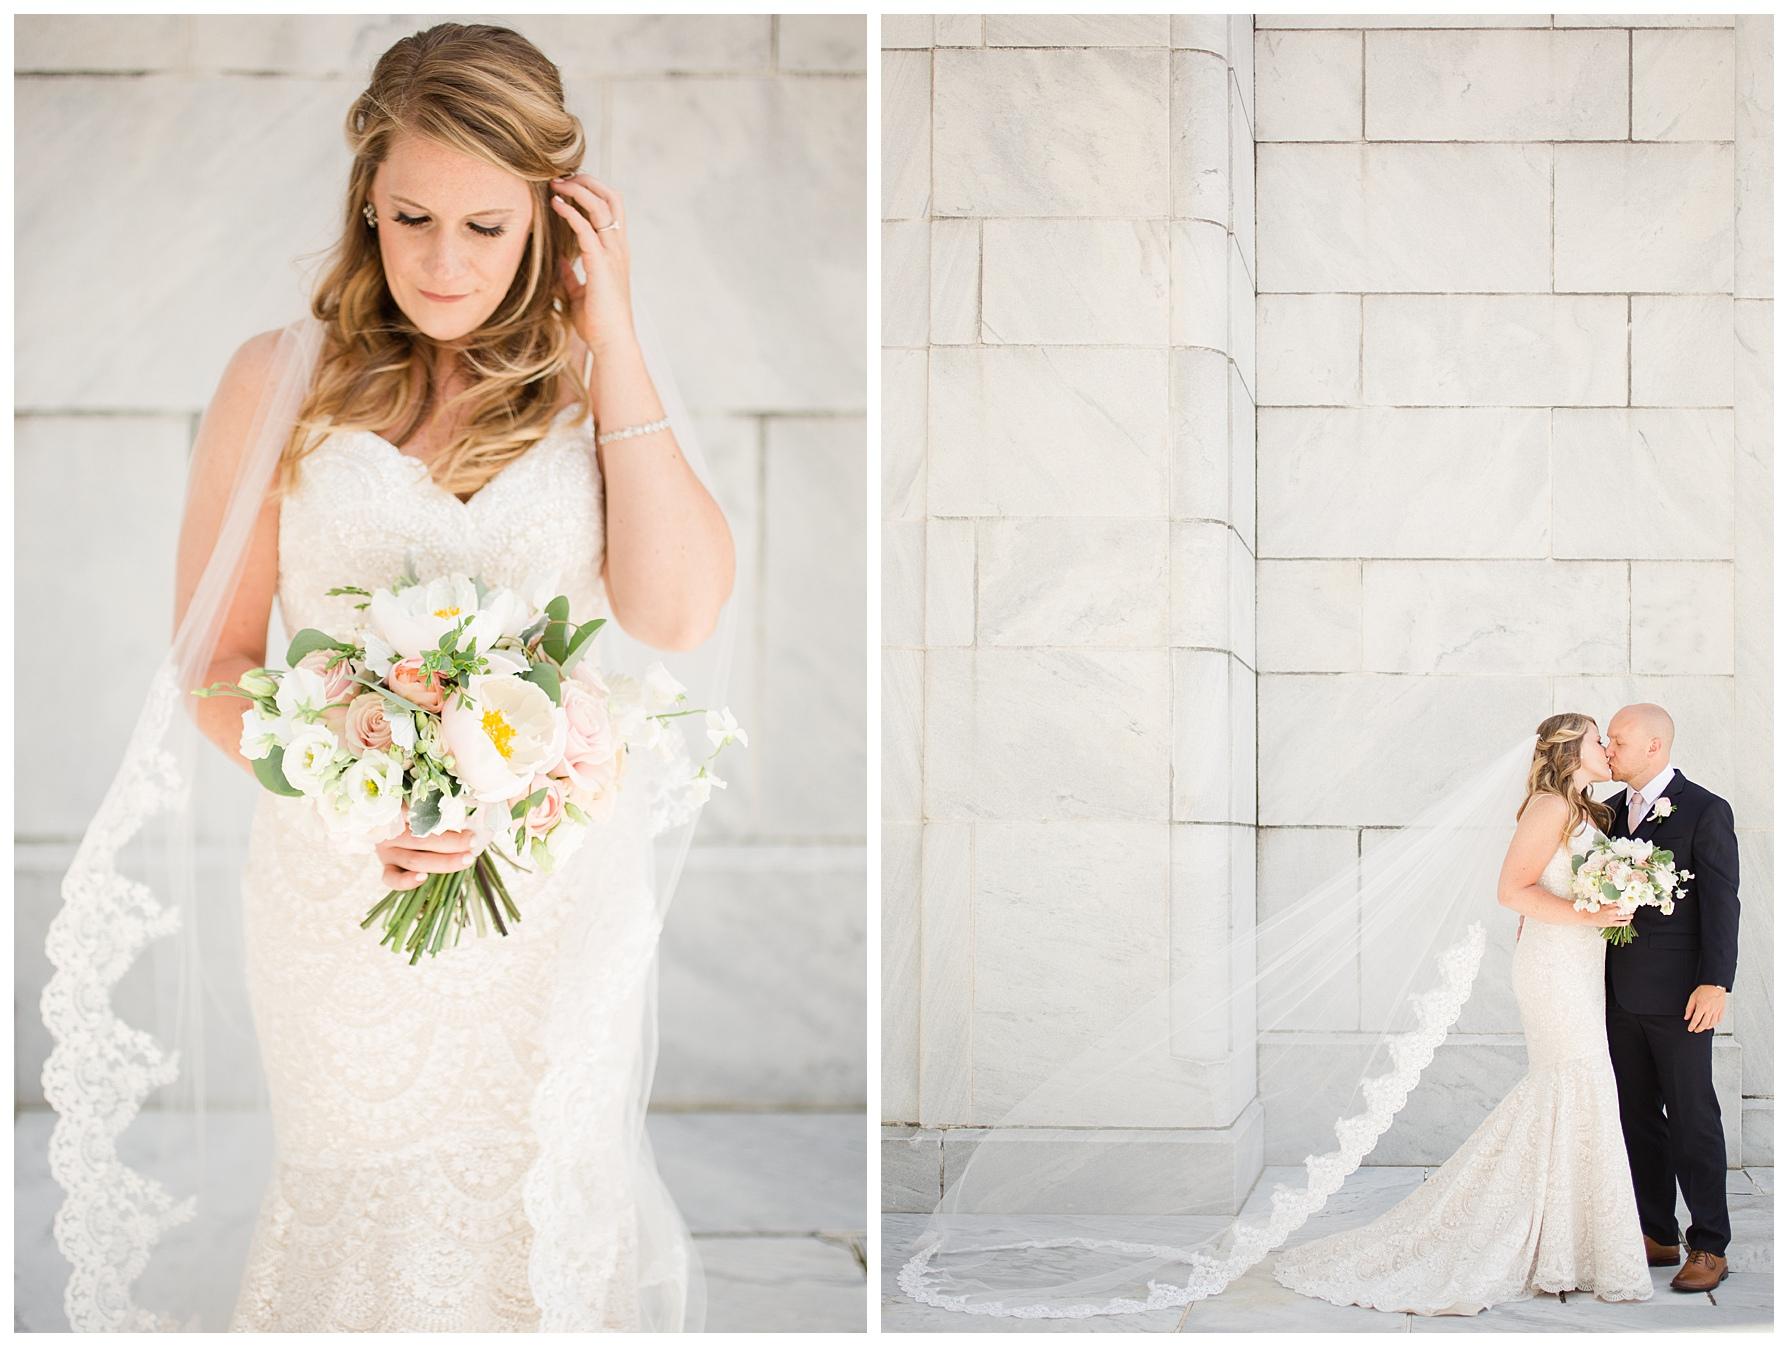 columbus-wedding-portratis-bride-groom_0029.jpg